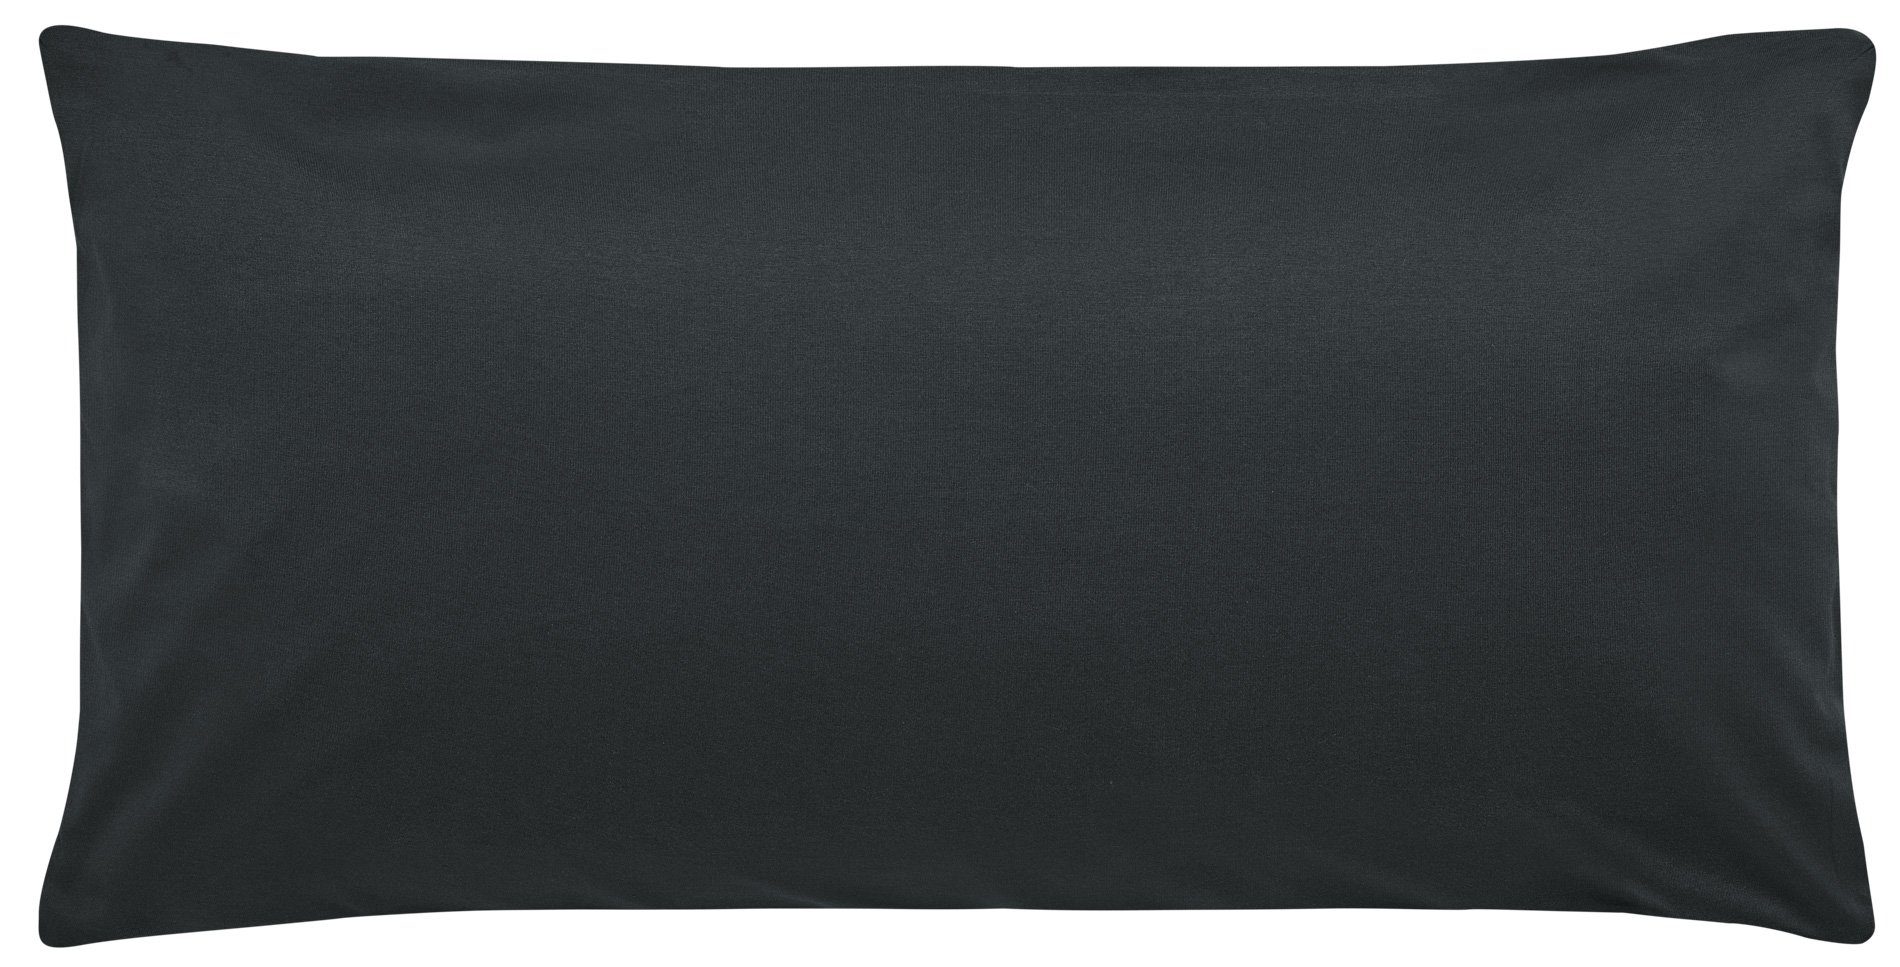 K.-Bezug onyx 40x80cm